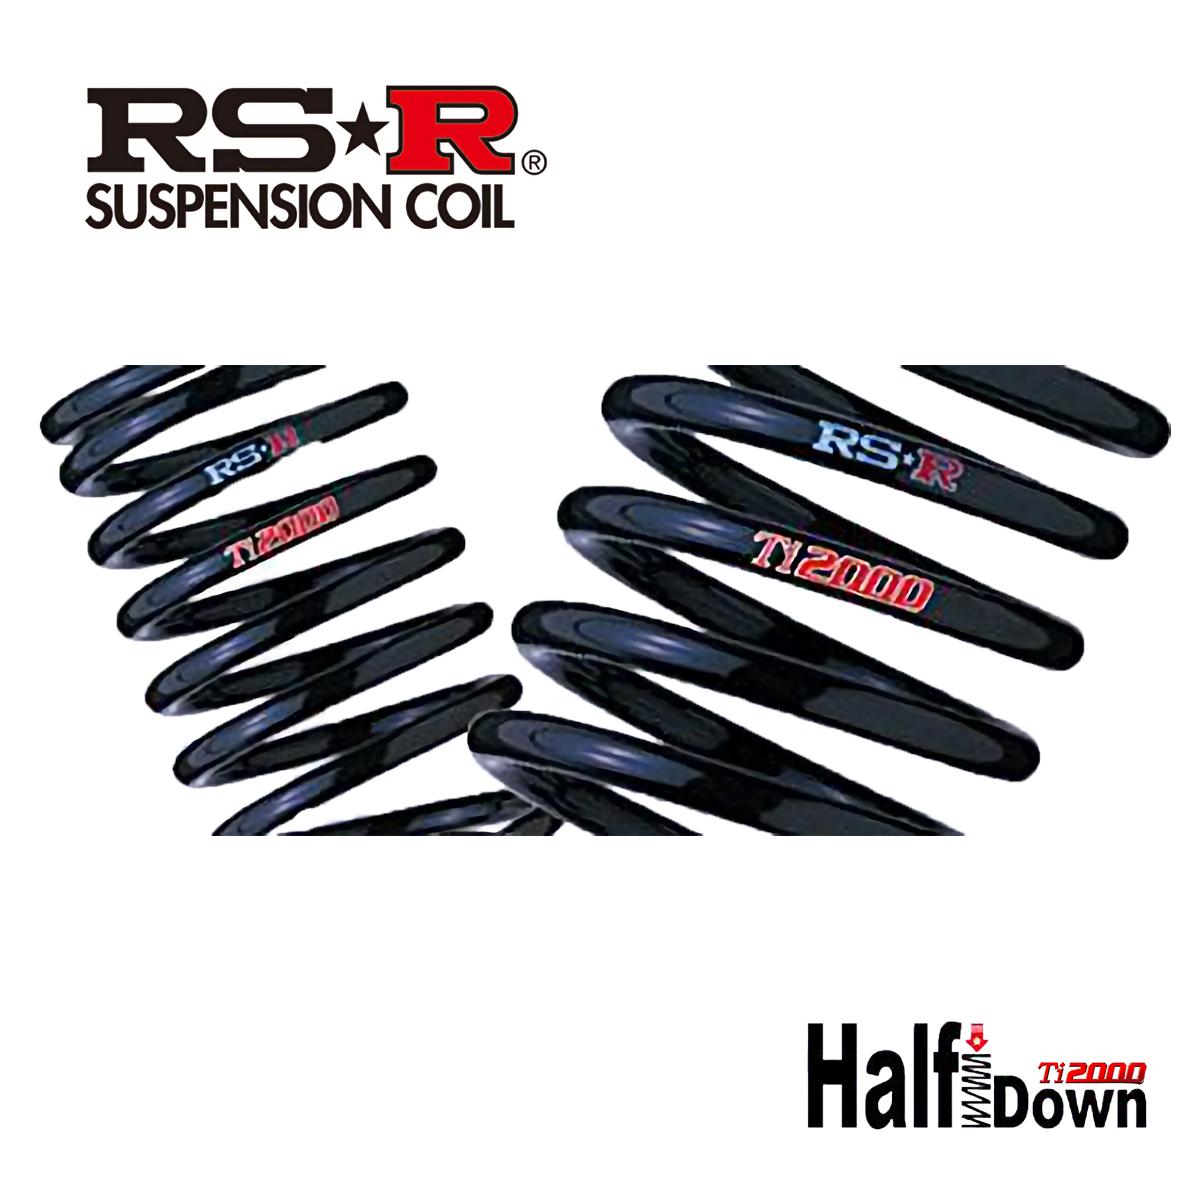 RS-R CX-5 CX5 KF2P XD Lパッケージ ダウンサス スプリング リア M503THDR Ti2000 ハーフダウン RSR 個人宅発送追金有